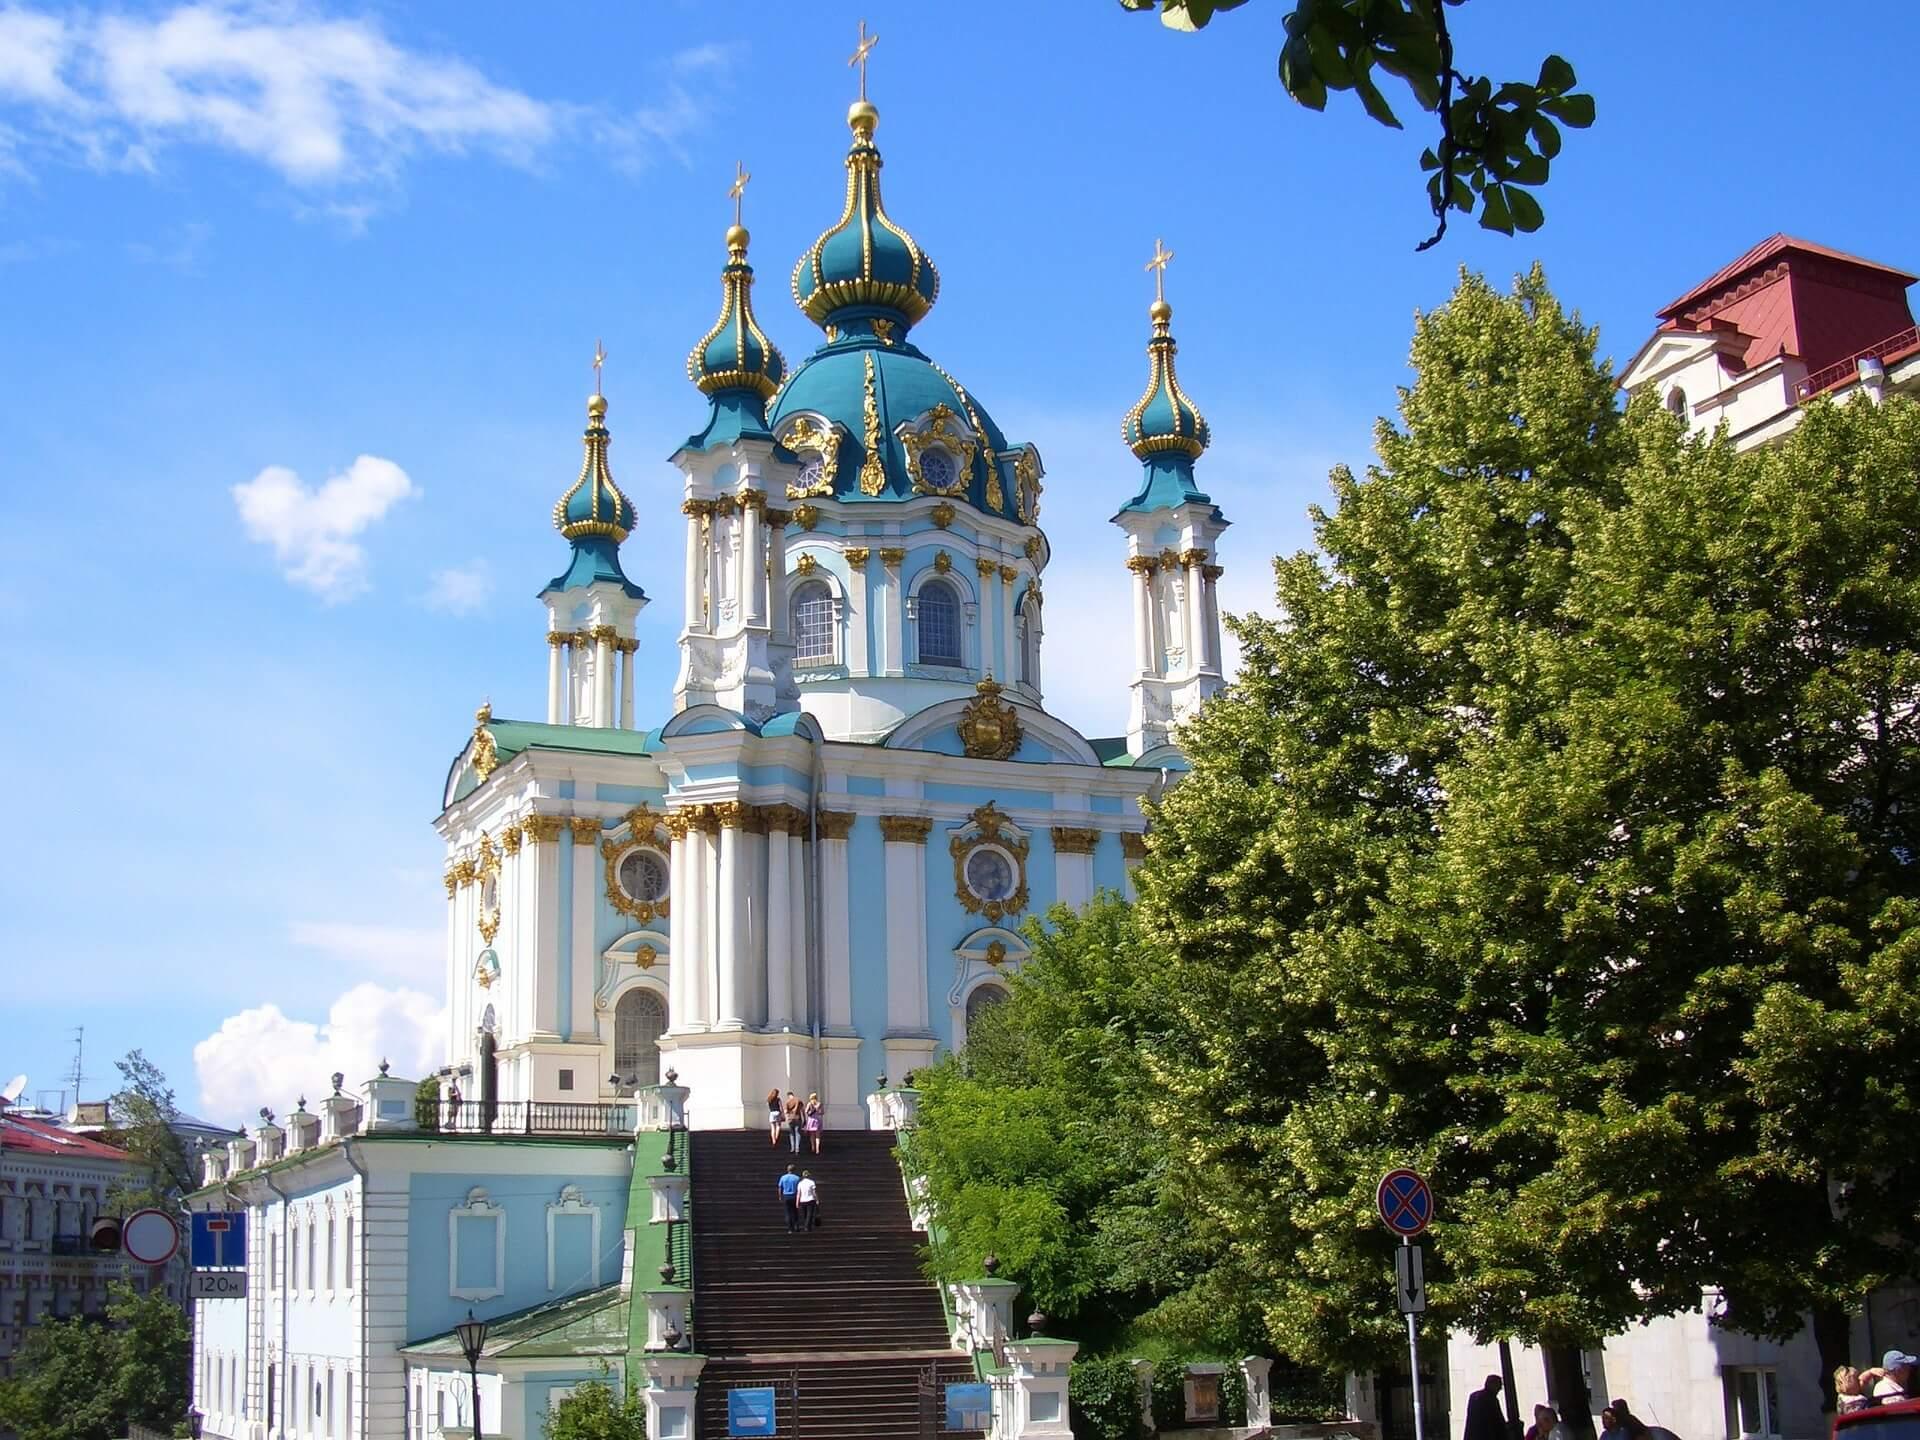 Direktflüge und Billigflüge in die Ukraine